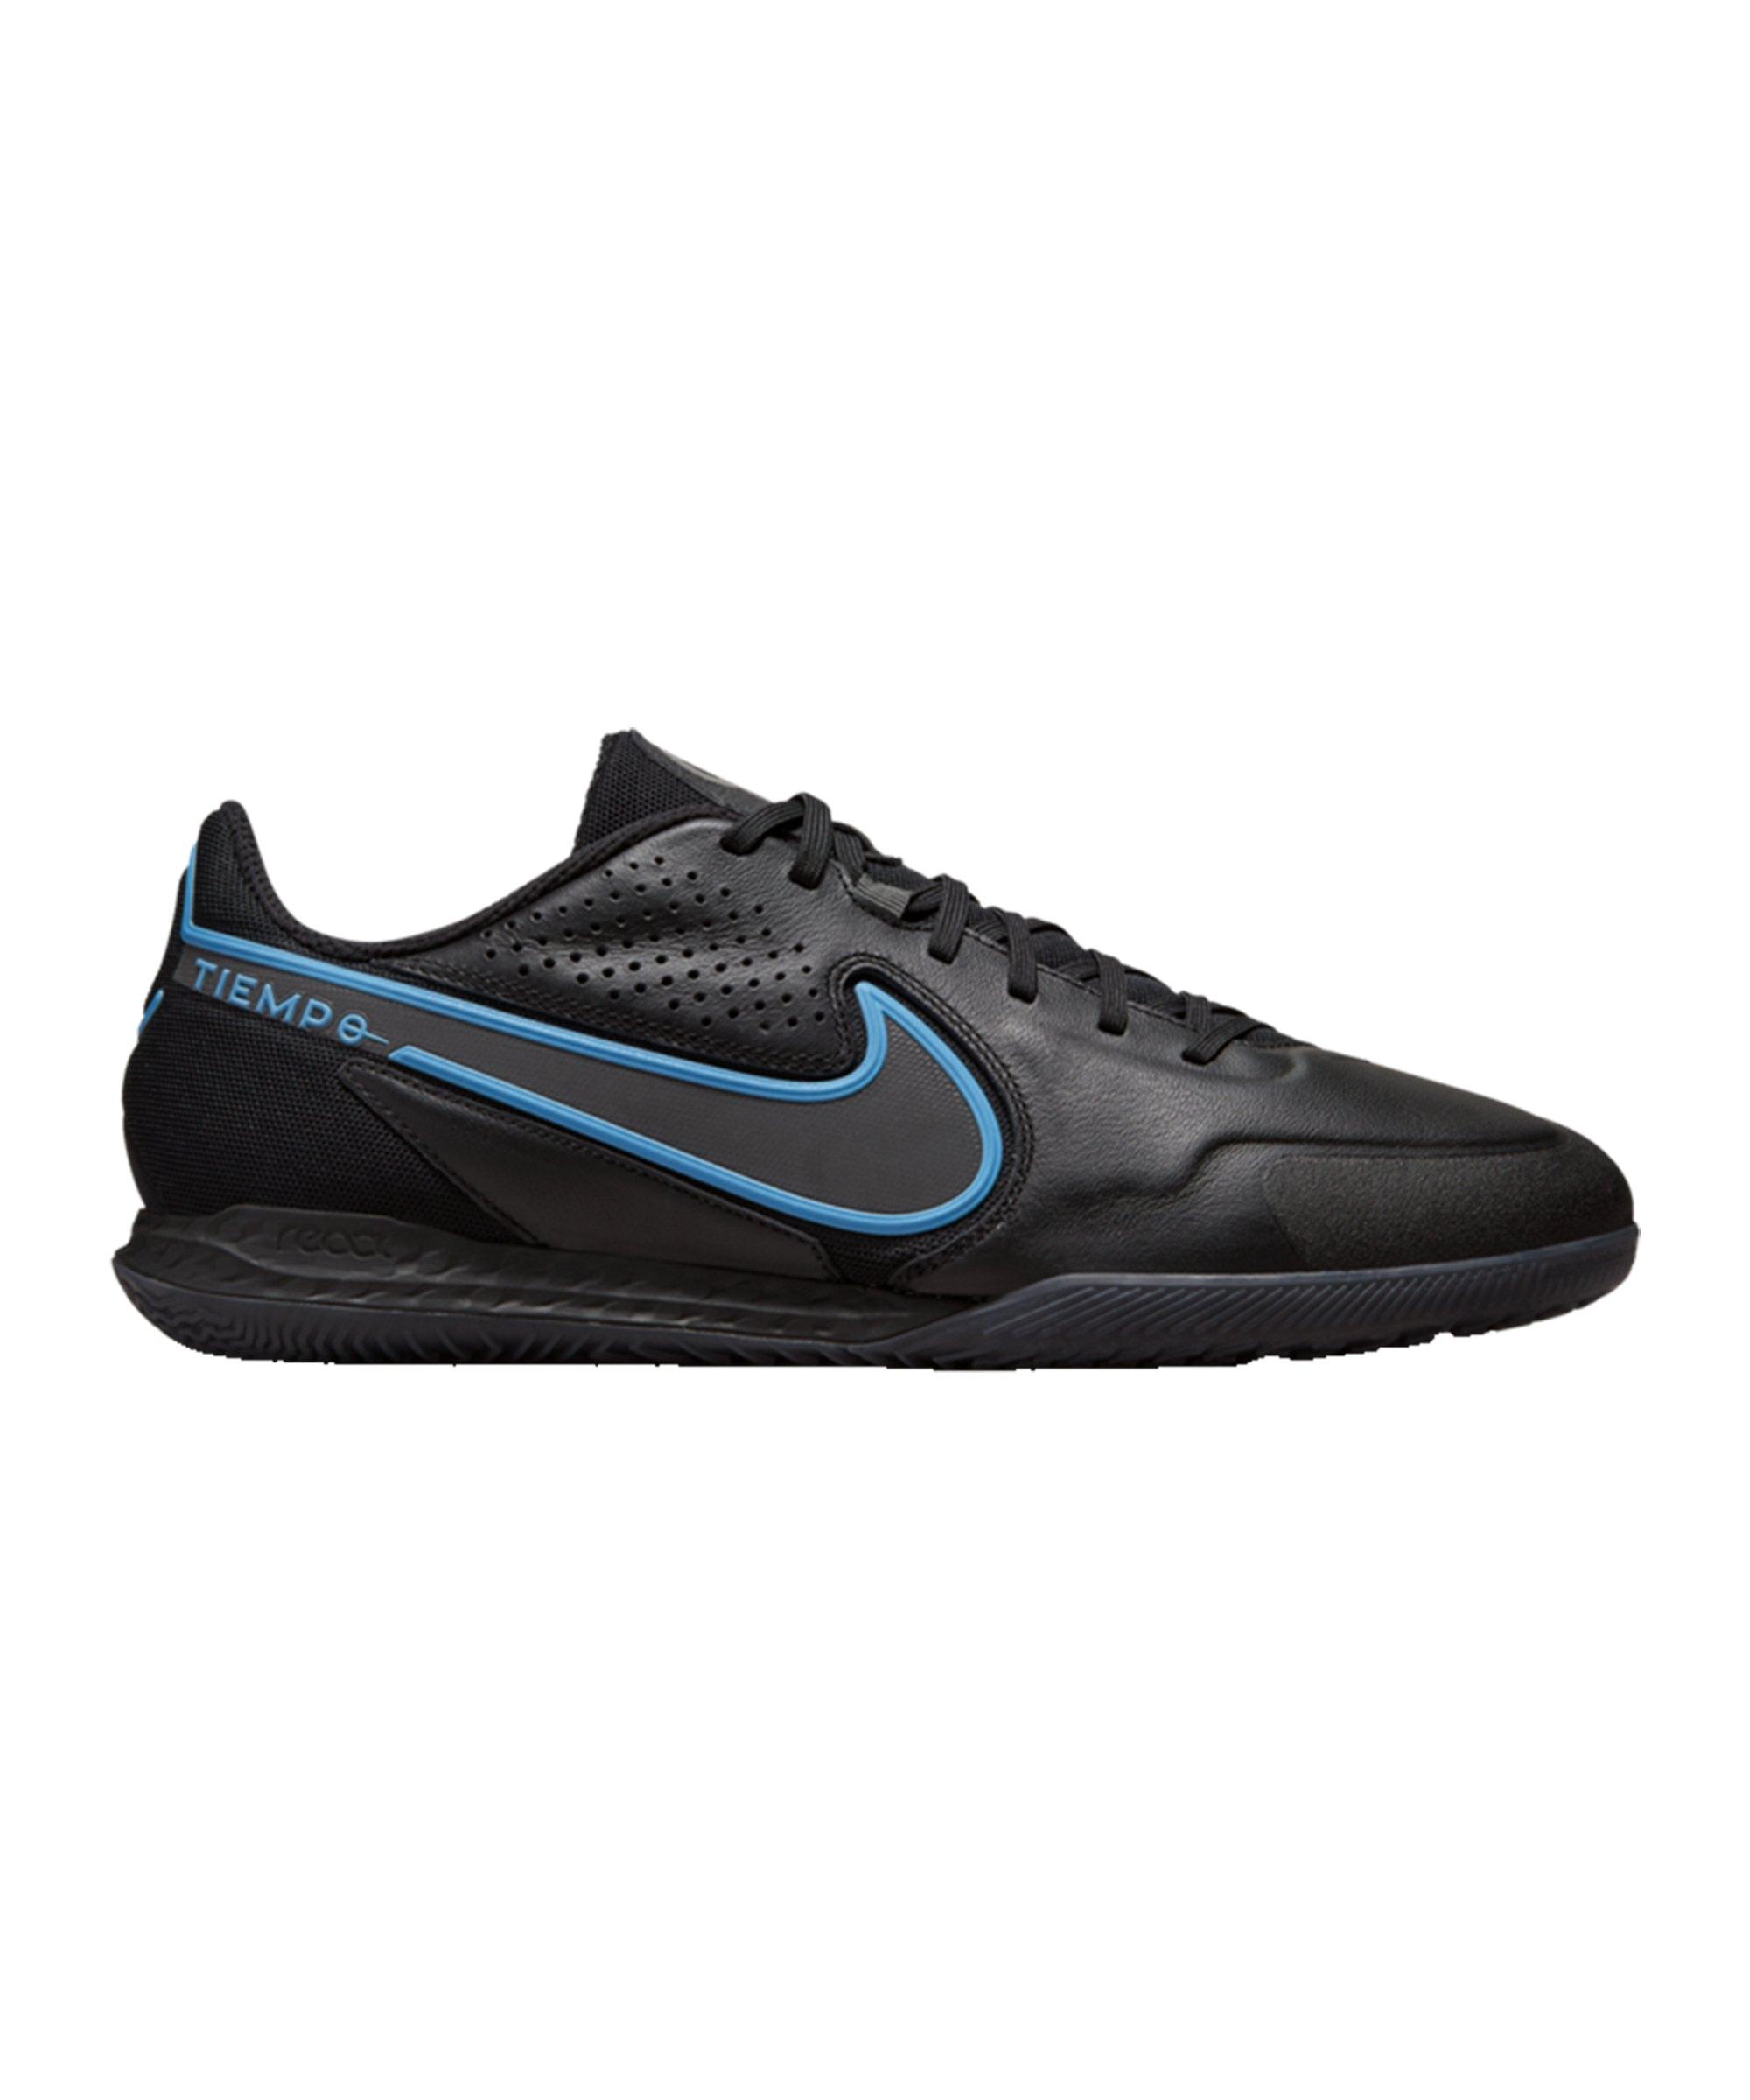 Nike React Tiempo Legend IX Renew Pro IC Halle Schwarz Blau F004 - schwarz